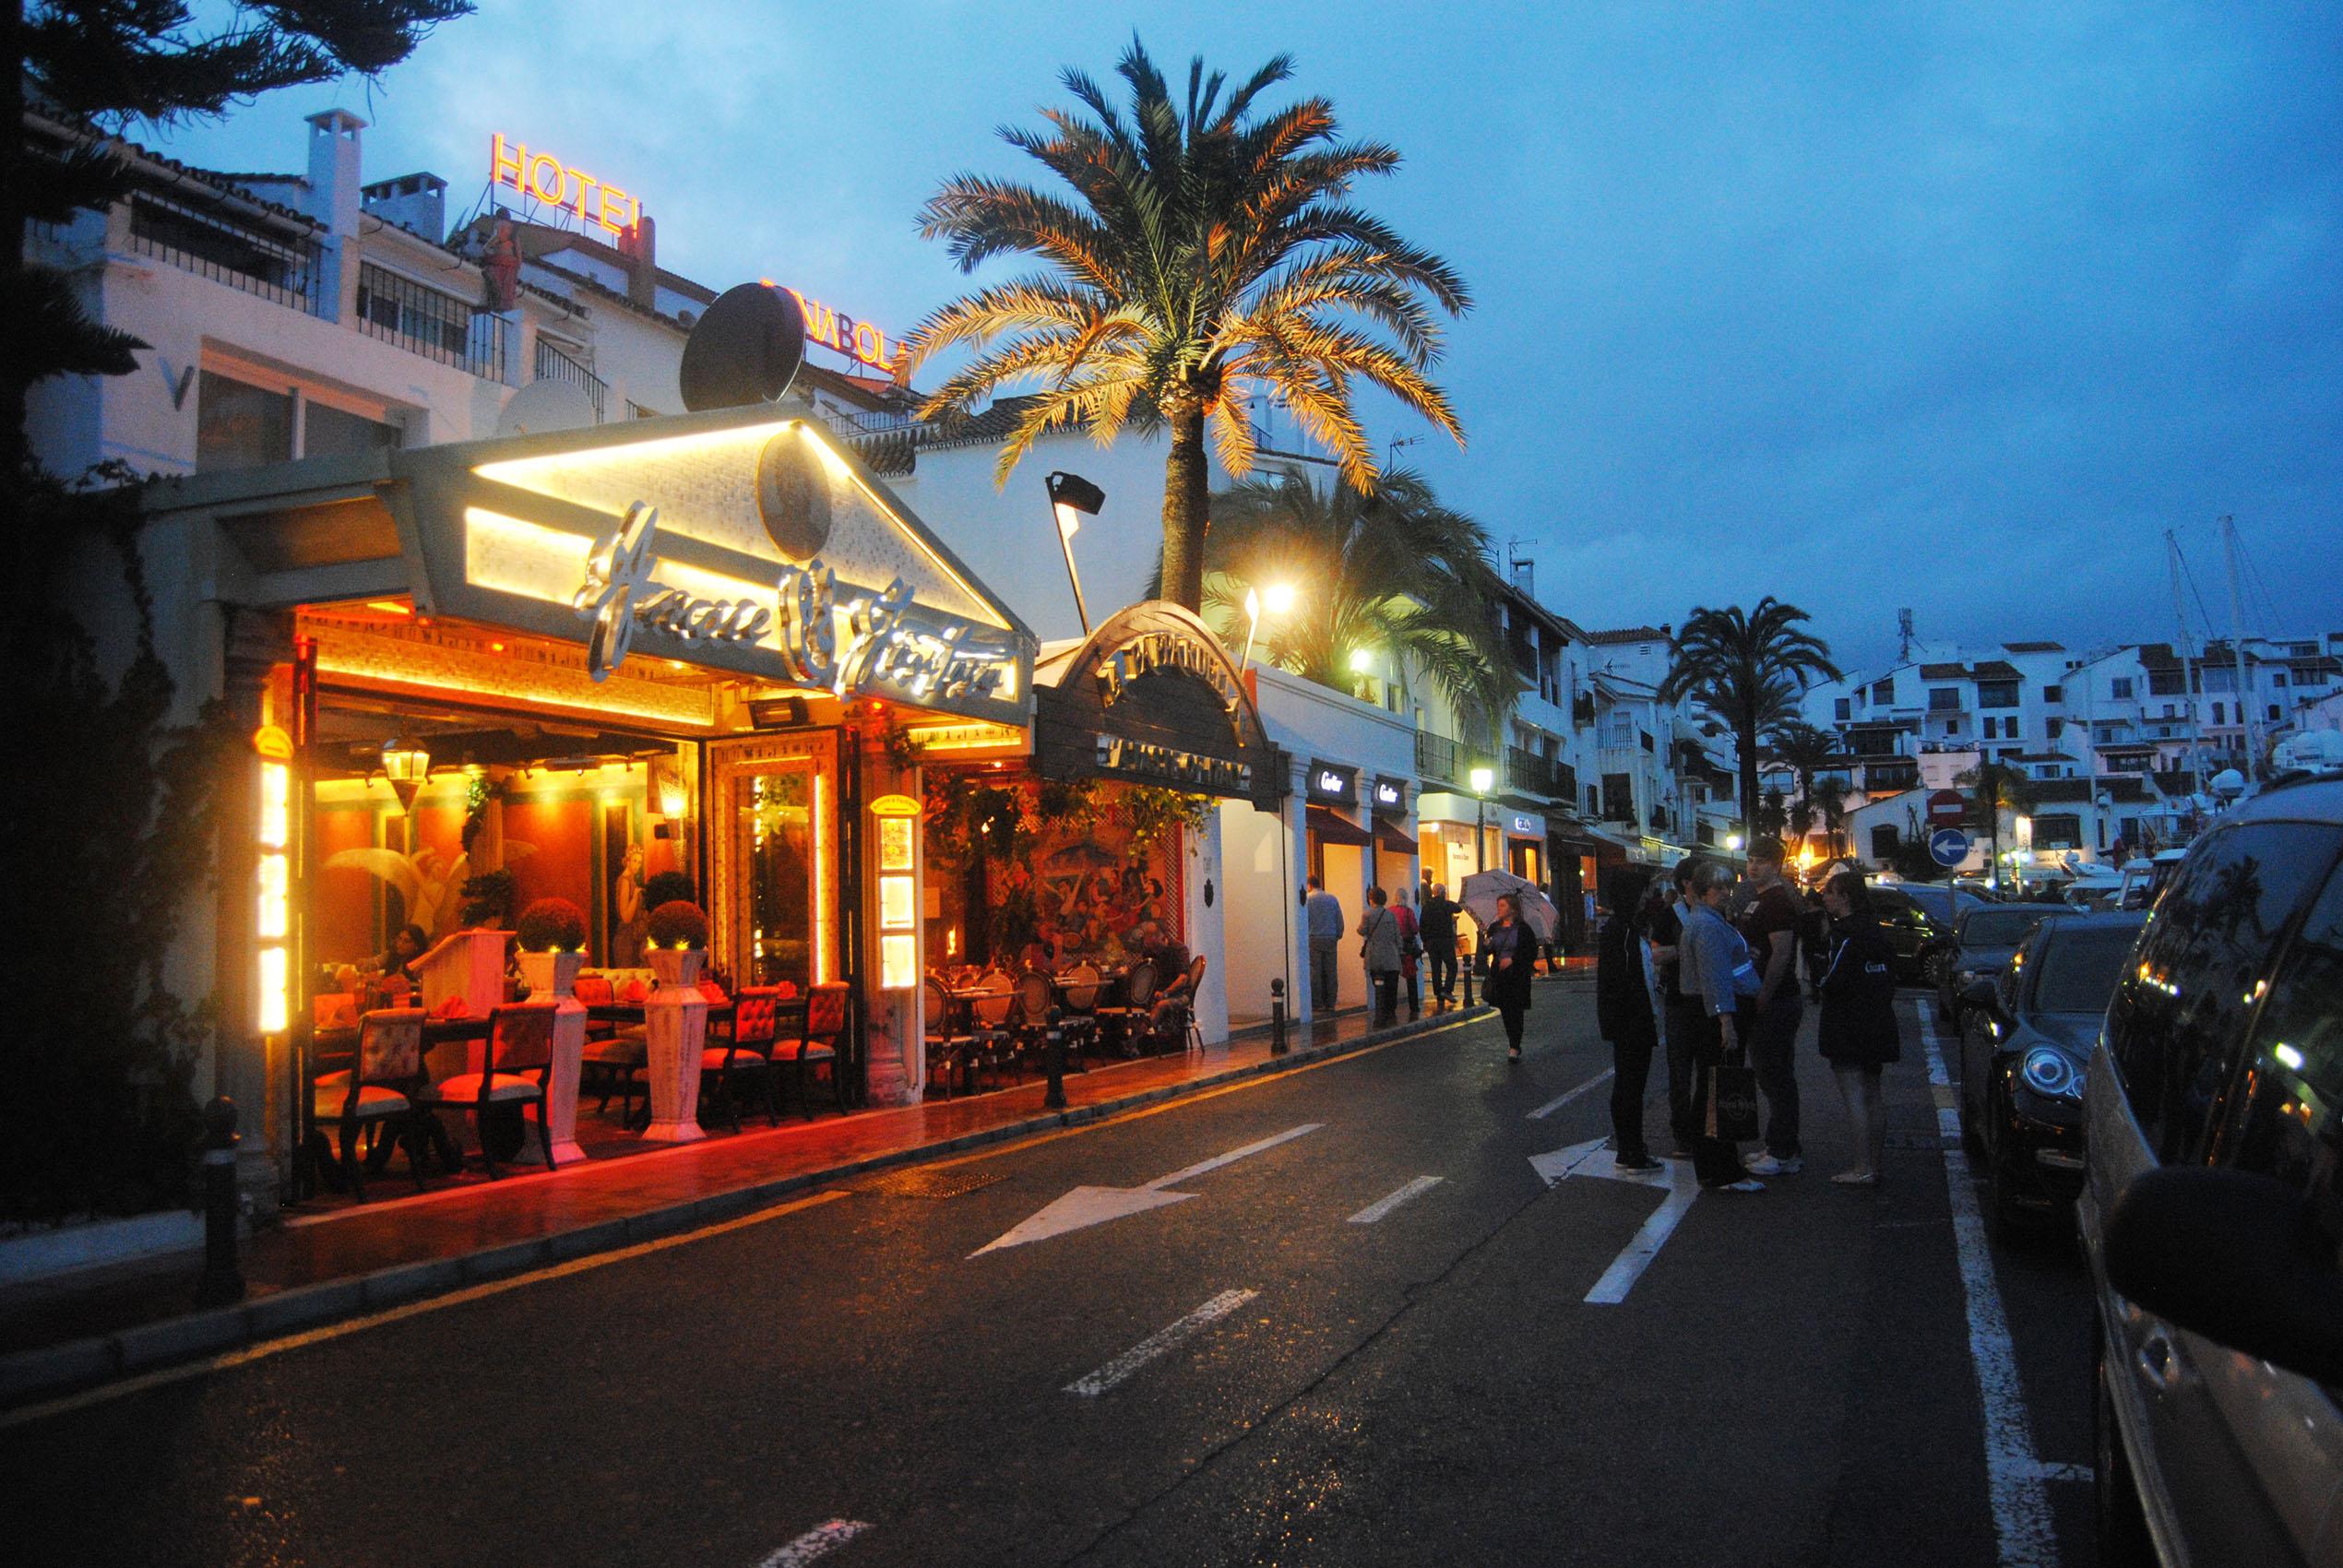 Puerto ban s the golden mile iberian properties - Puerto banus marbella ...